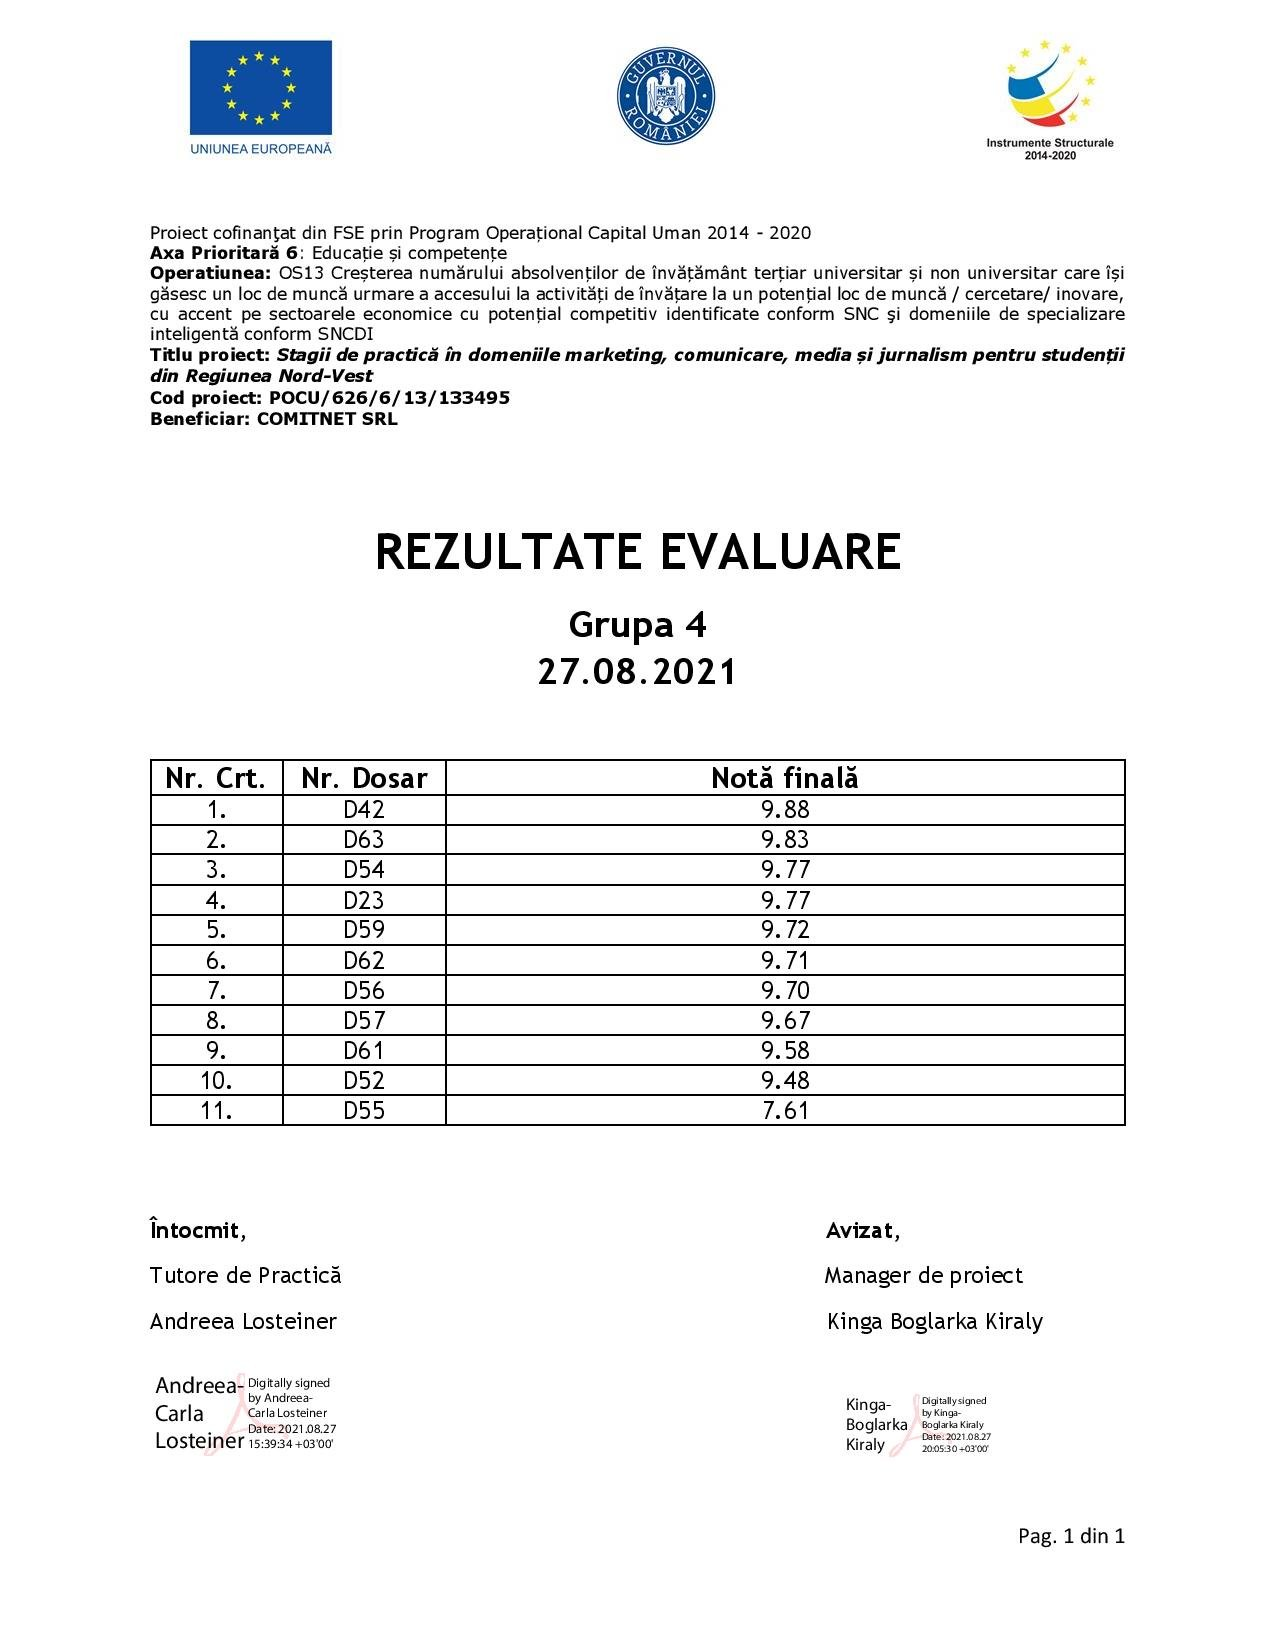 [Stagii de Practică SEO 365] Rezultate evaluare - Gr. IV-page-001